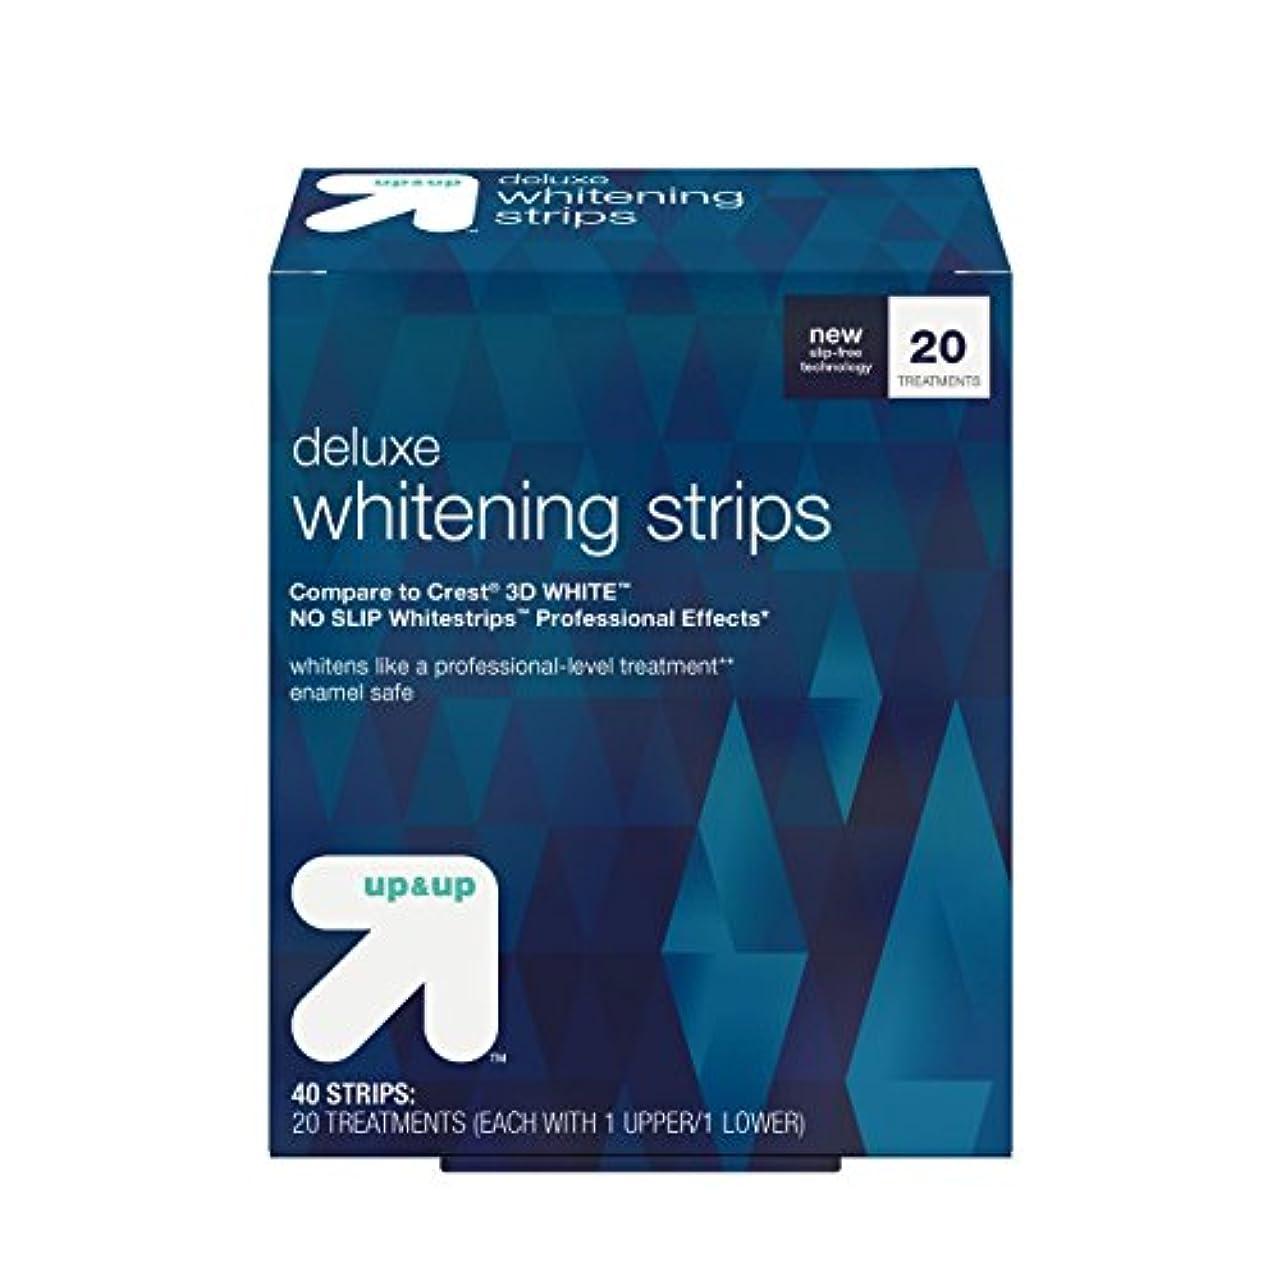 リブ柔らかさコショウデラックスホワイトニングストリップス 20日分 アップ&アップ Deluxe Whitening Strips -20 Day Treatment - up & up